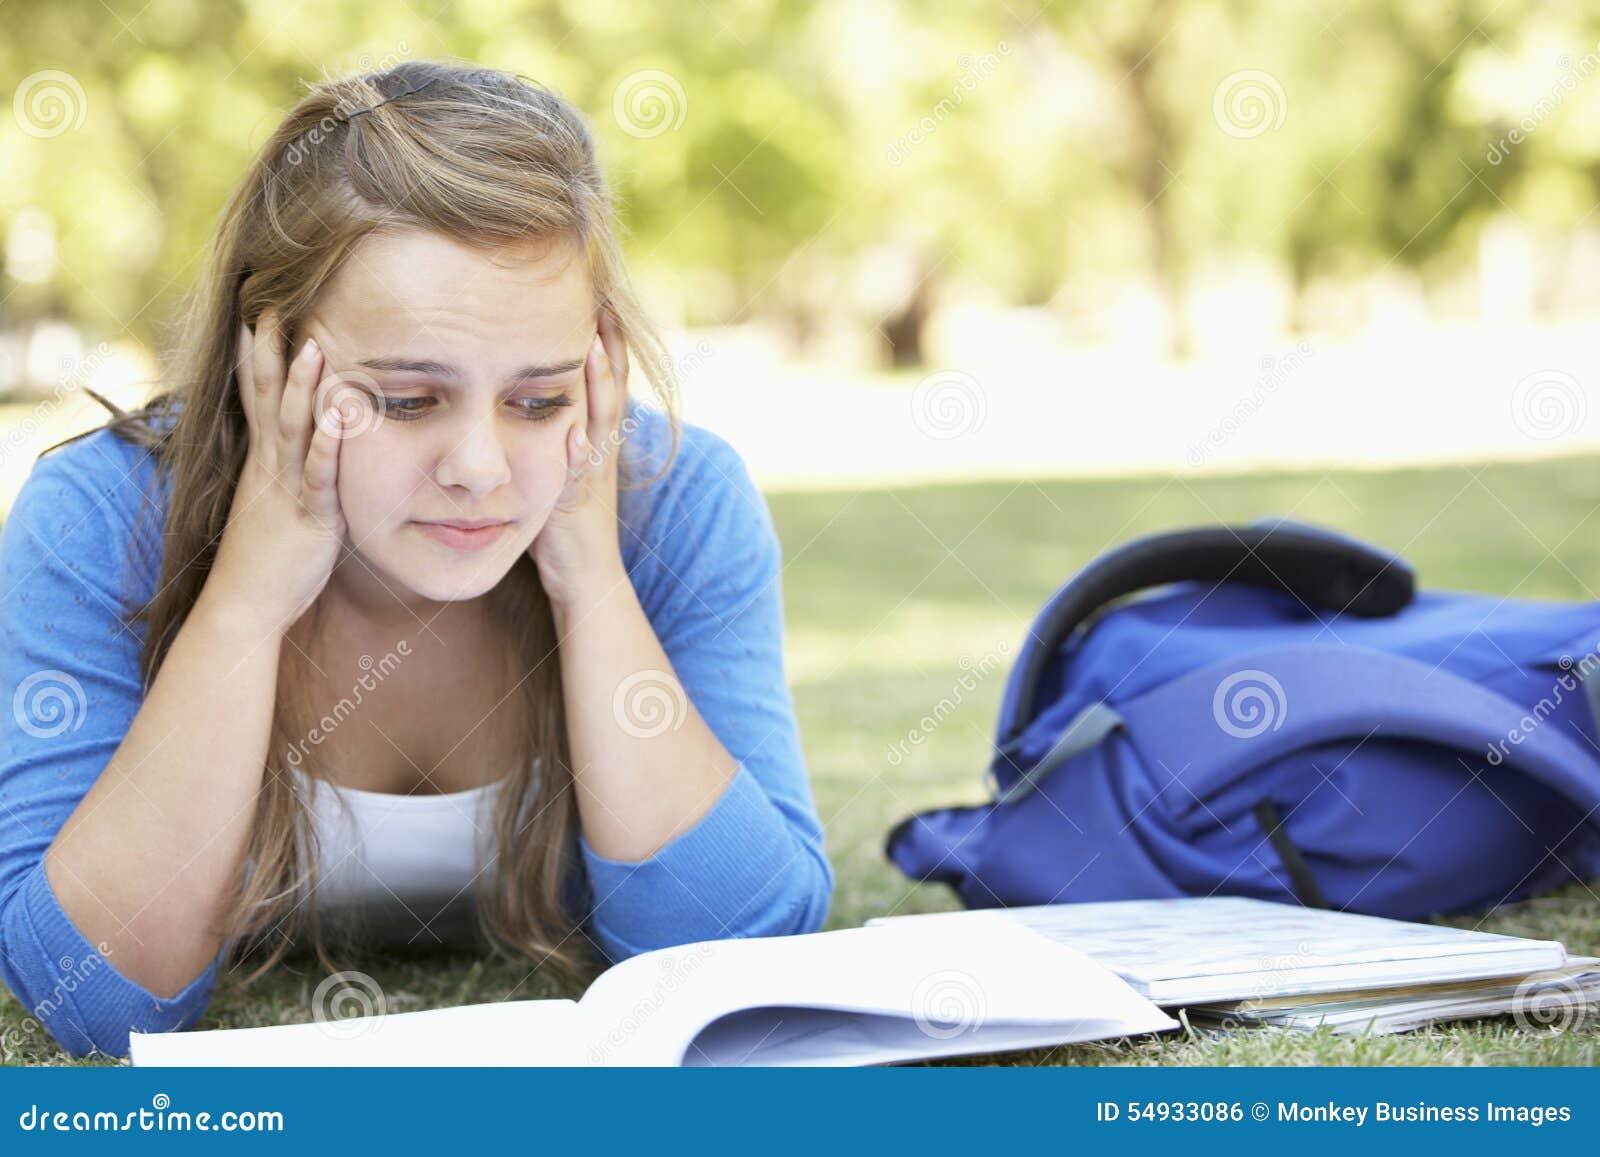 Θηλυκός φοιτητής πανεπιστημίου που βρίσκεται στο εγχειρίδιο ανάγνωσης πάρκων